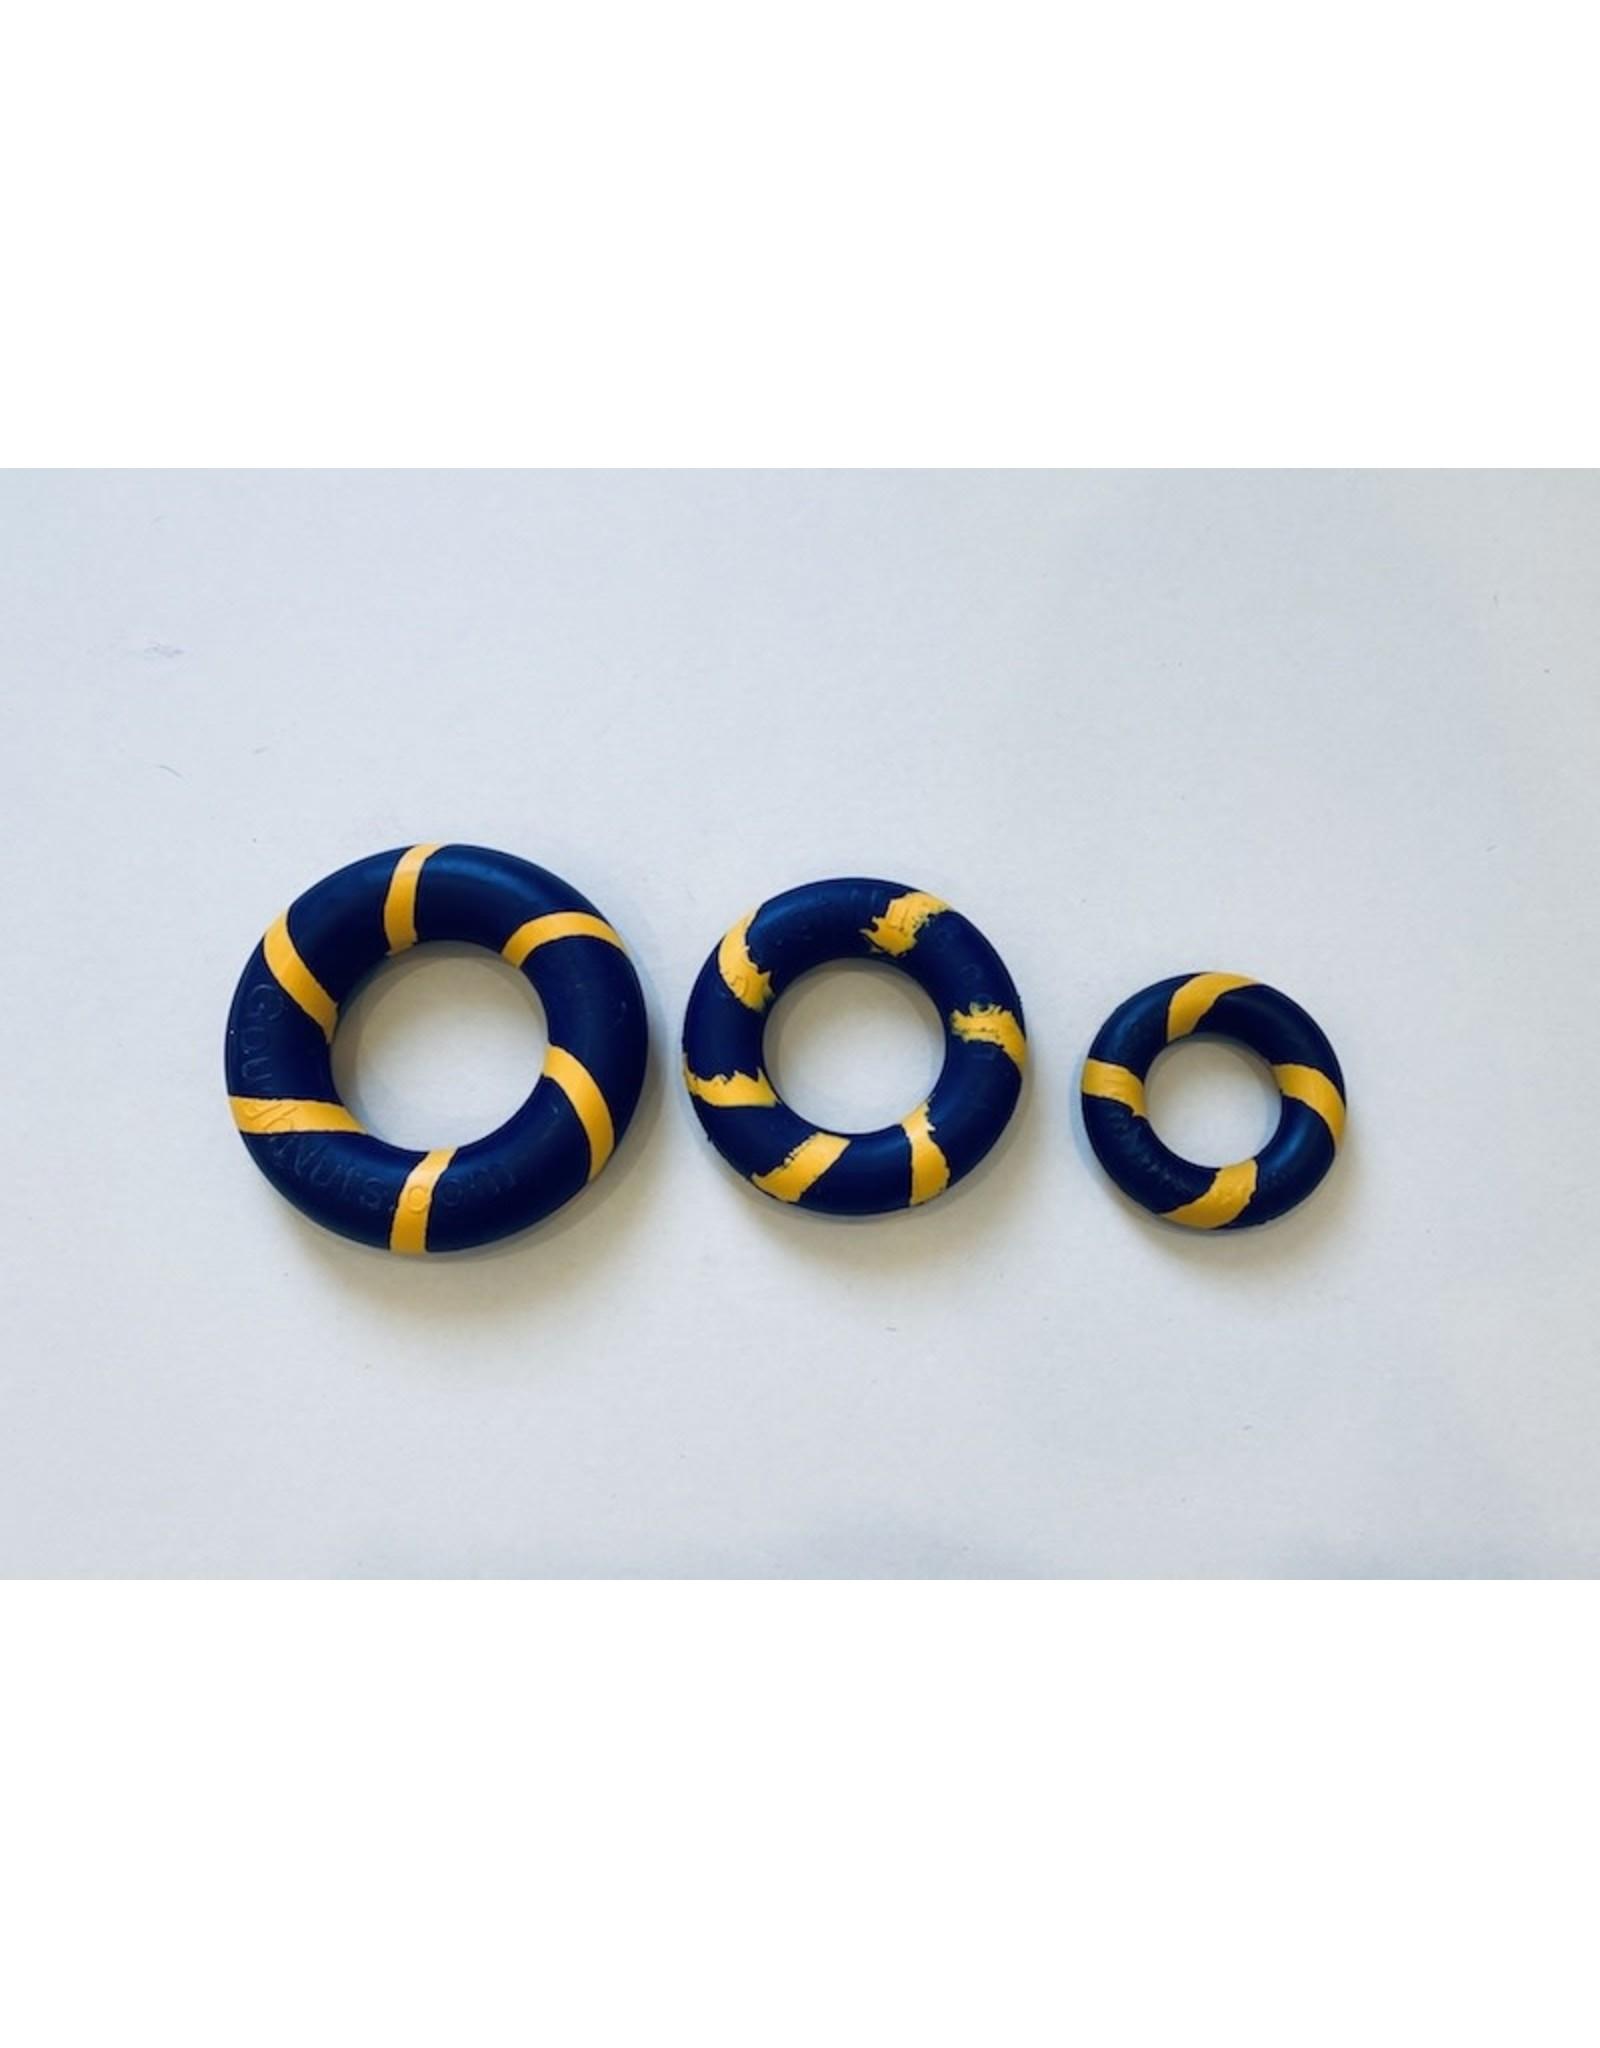 GoughNuts GoughNuts BLUE Lite Maxx Ring